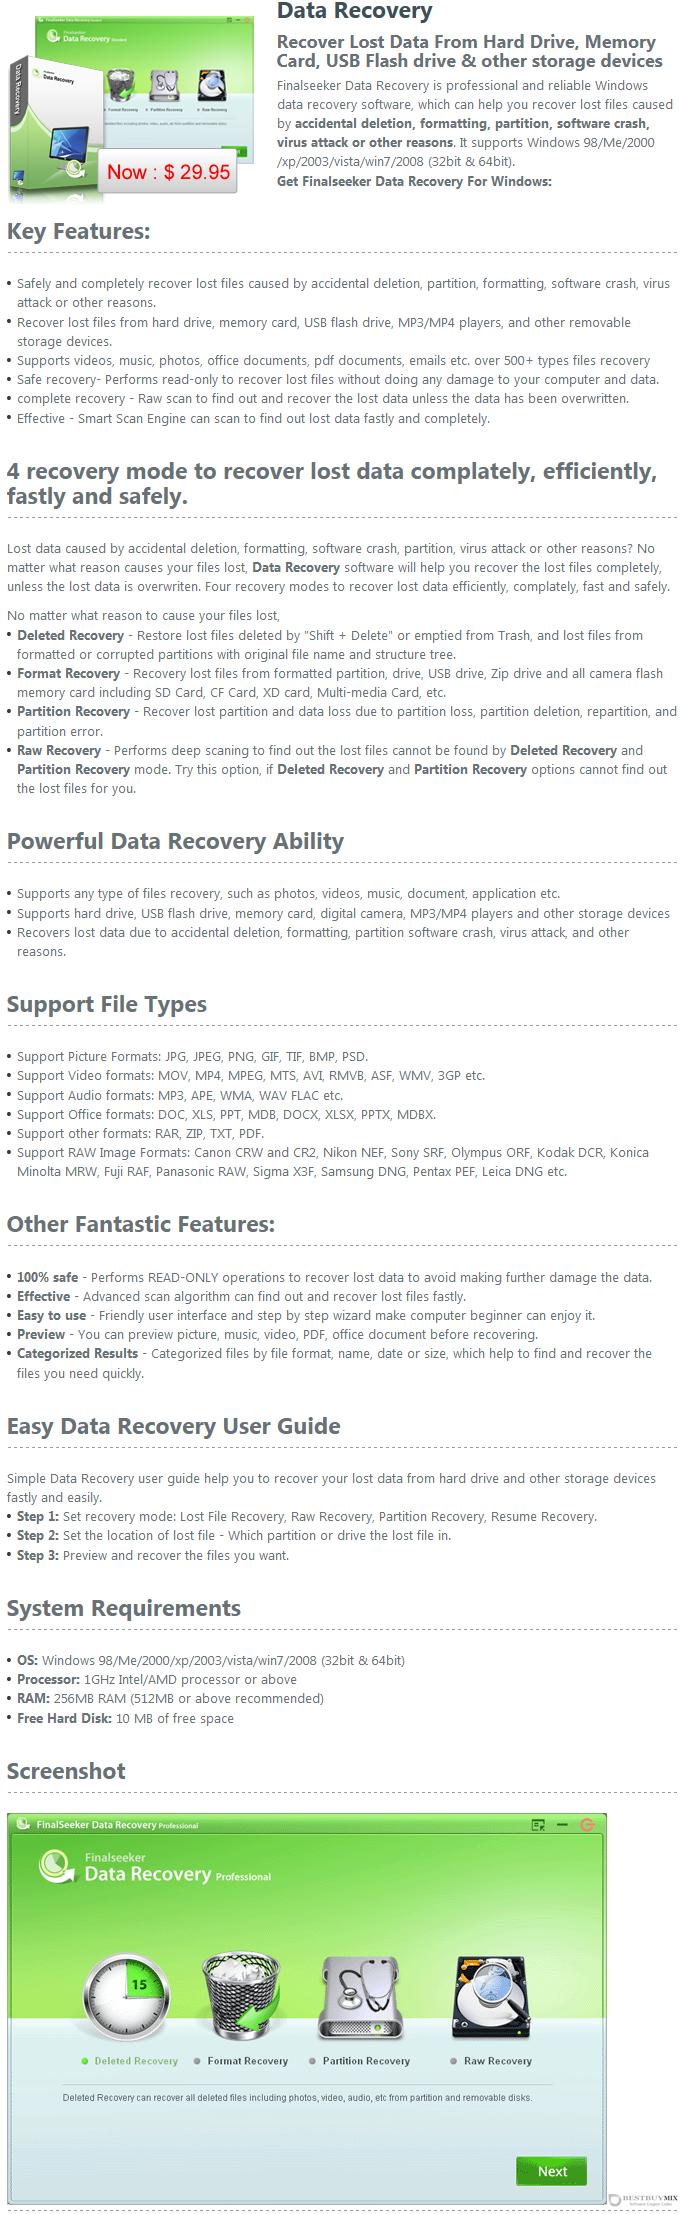 Finalseeker Data Recovery